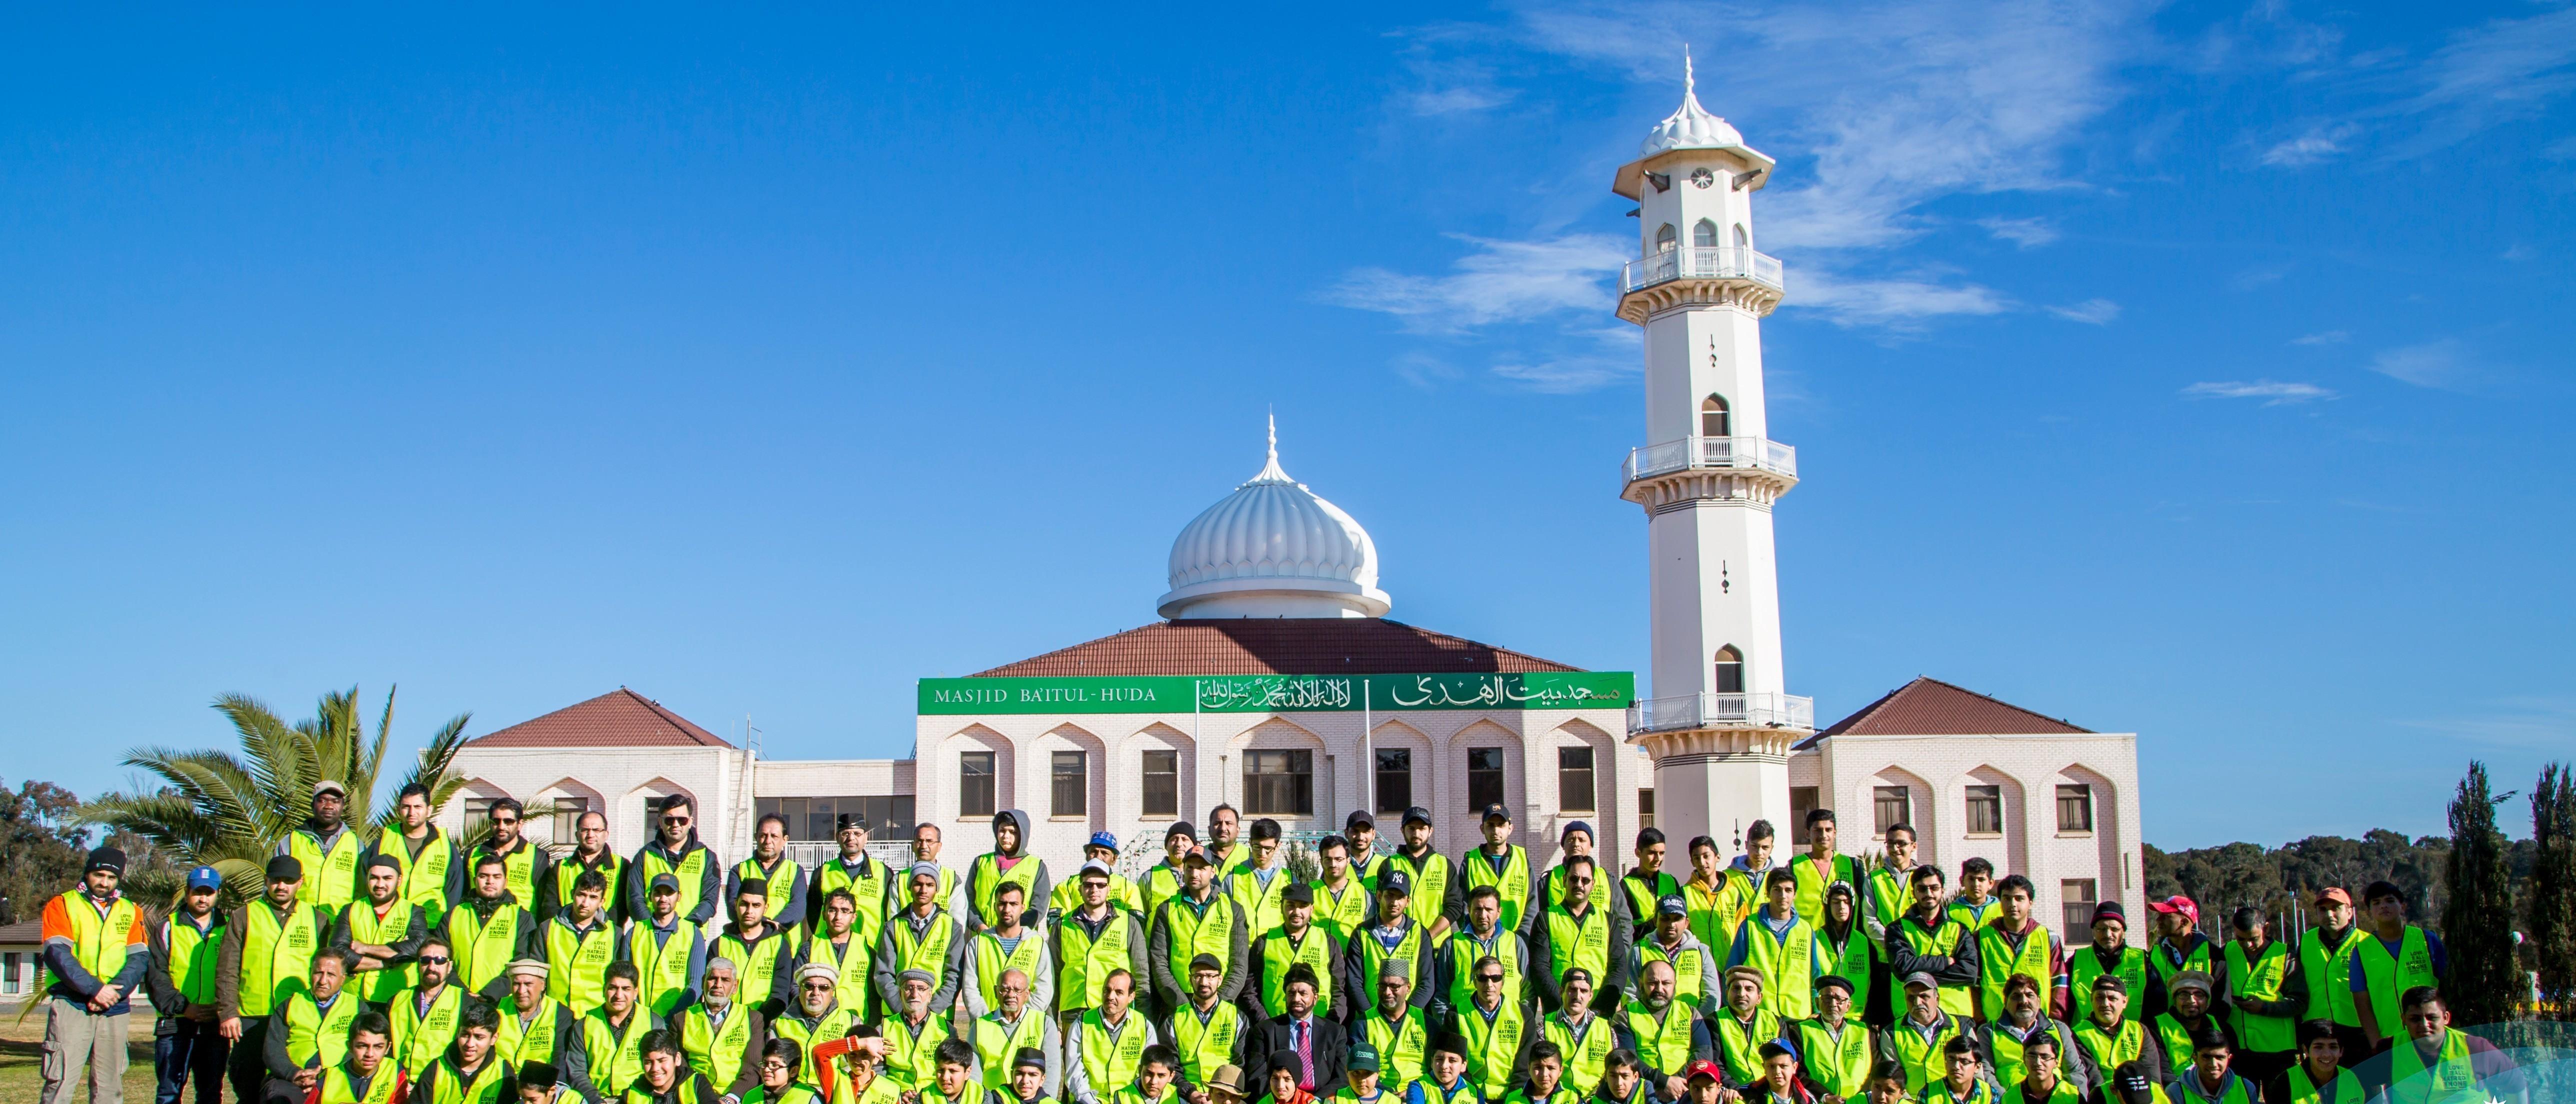 Ahmadi Muslims NT Darwin - Jingili Water Gardens